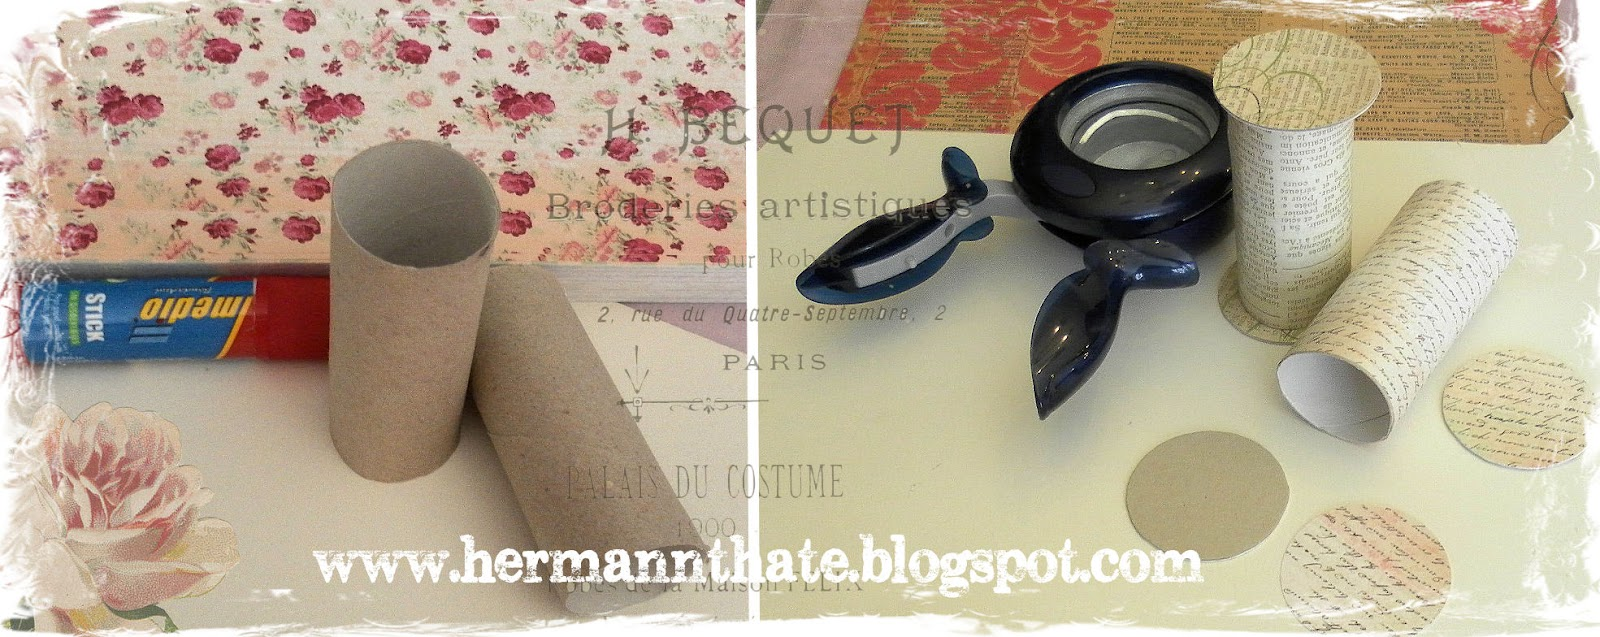 Manualidades con rollos de papel higinico car interior - Manualidades con rollos de papel ...